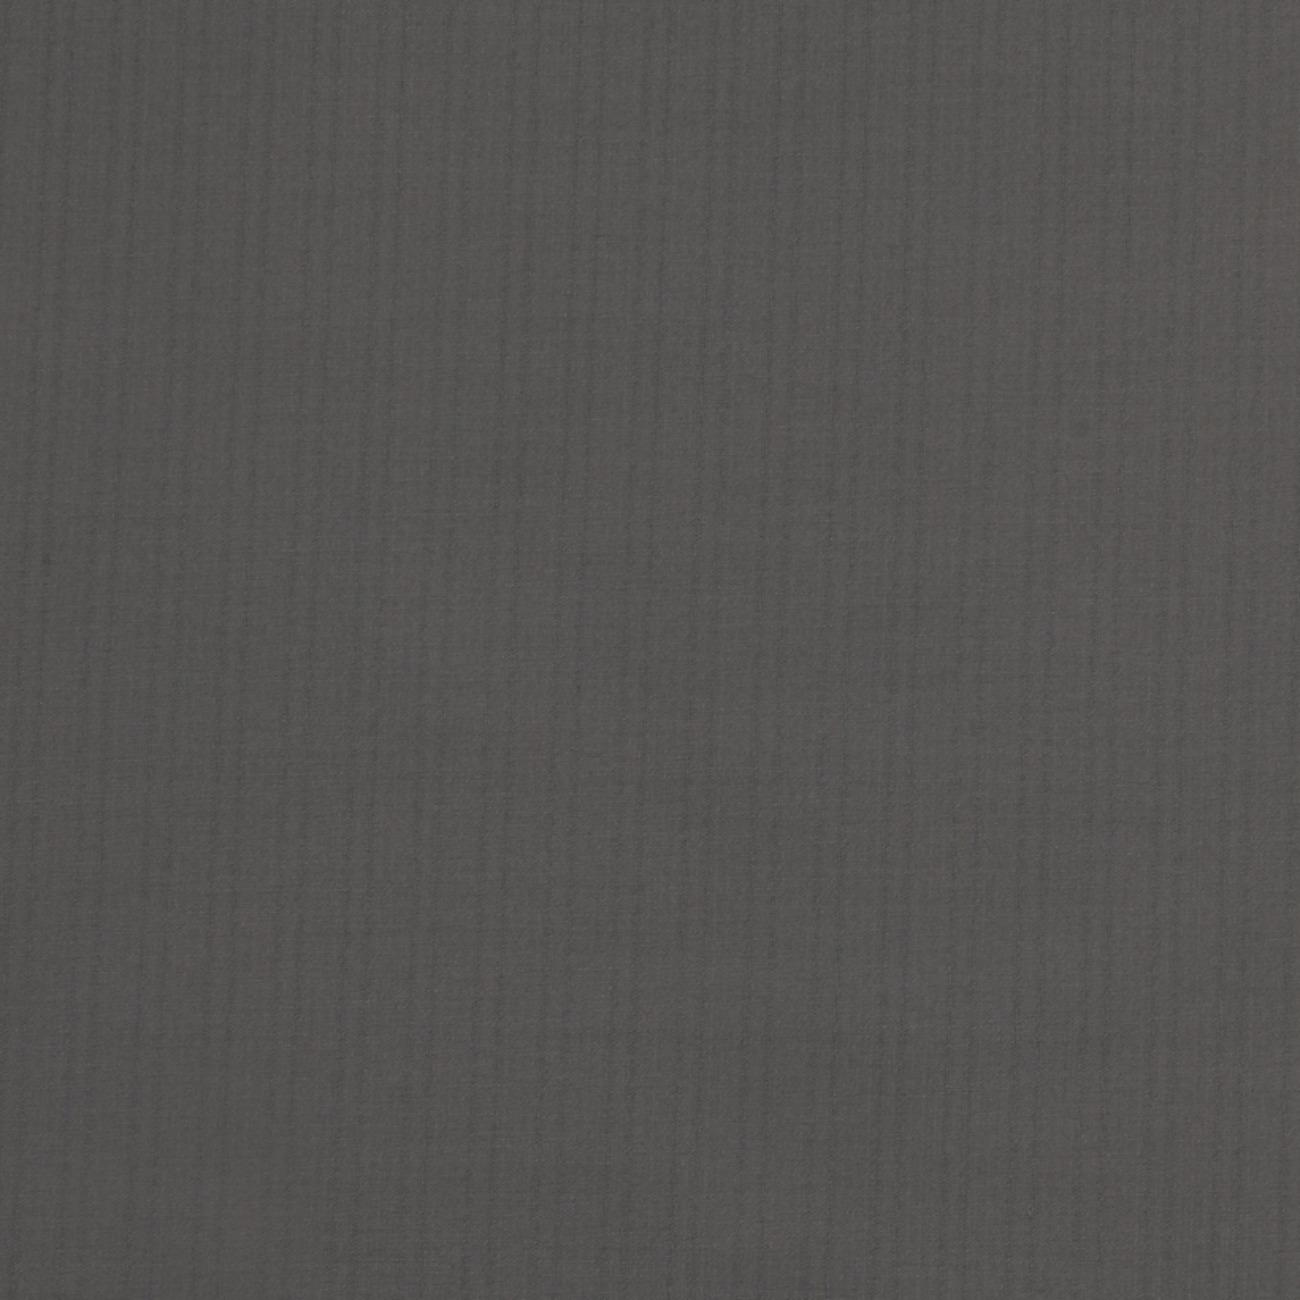 素色竖条外套风衣无弹 夏 衬衣 连衣裙 61219-67